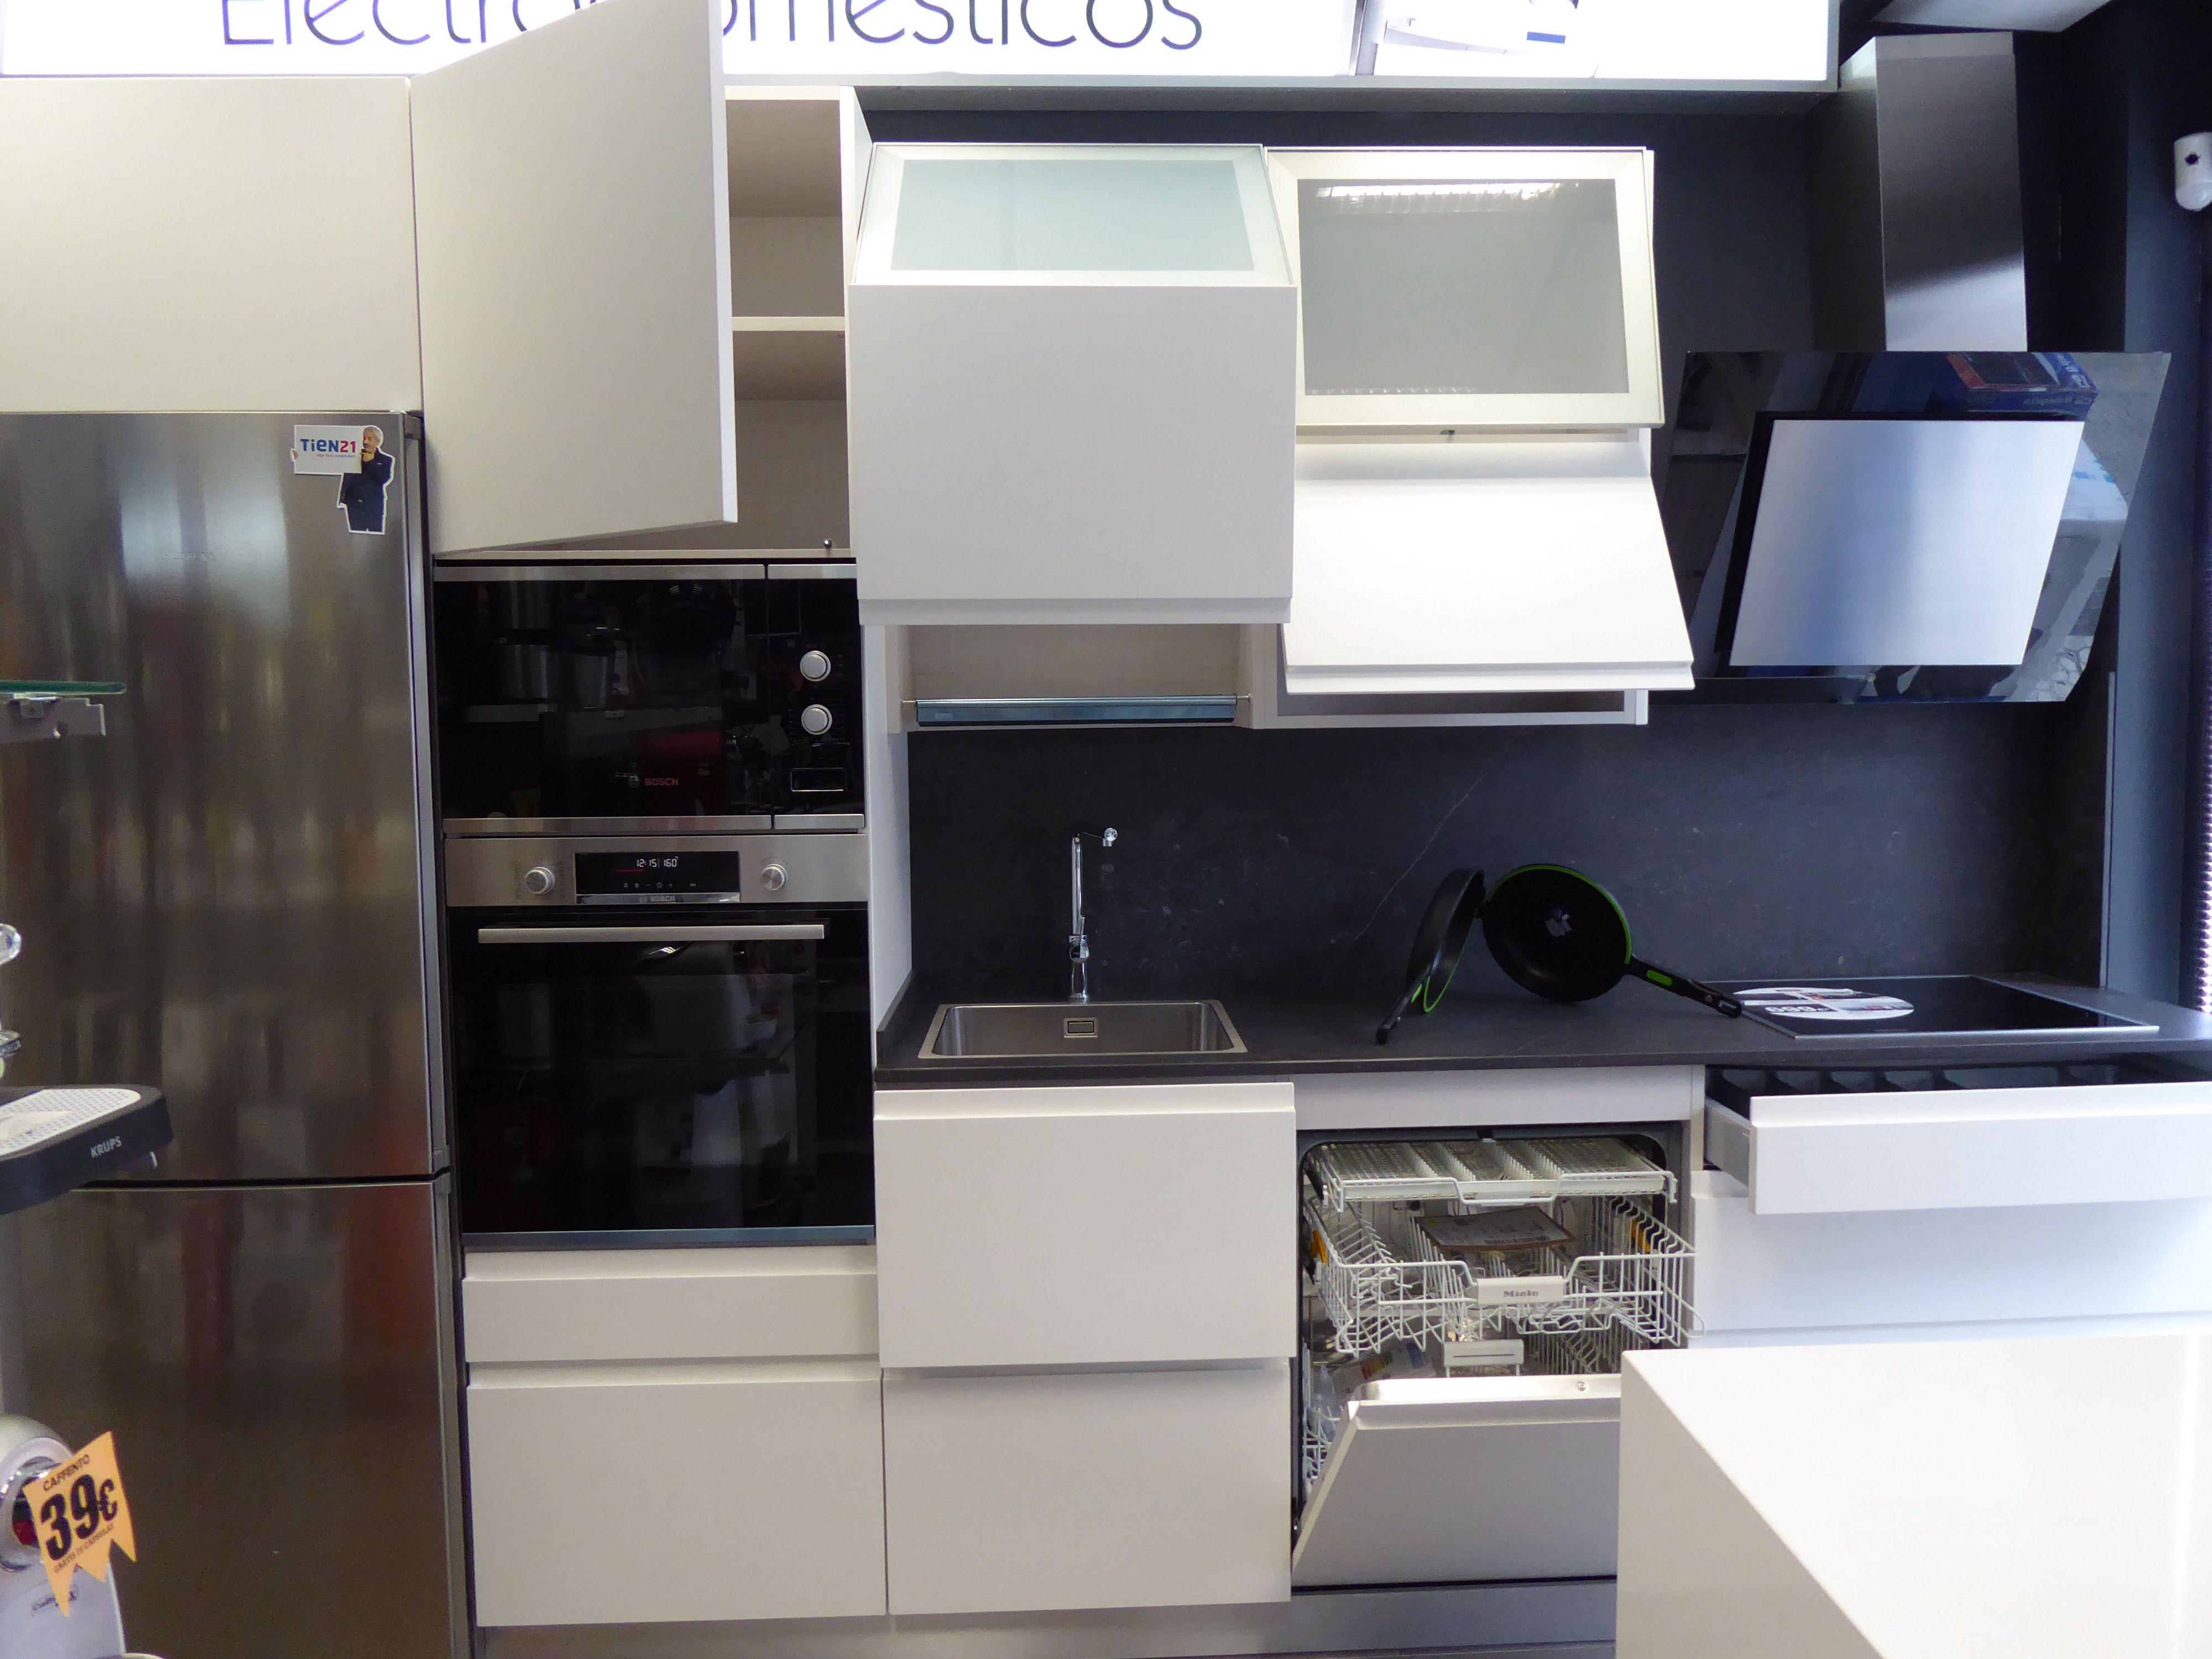 Foto 16 de Electrodomésticos en  | Izarra Electrodomésticos en Tien 21